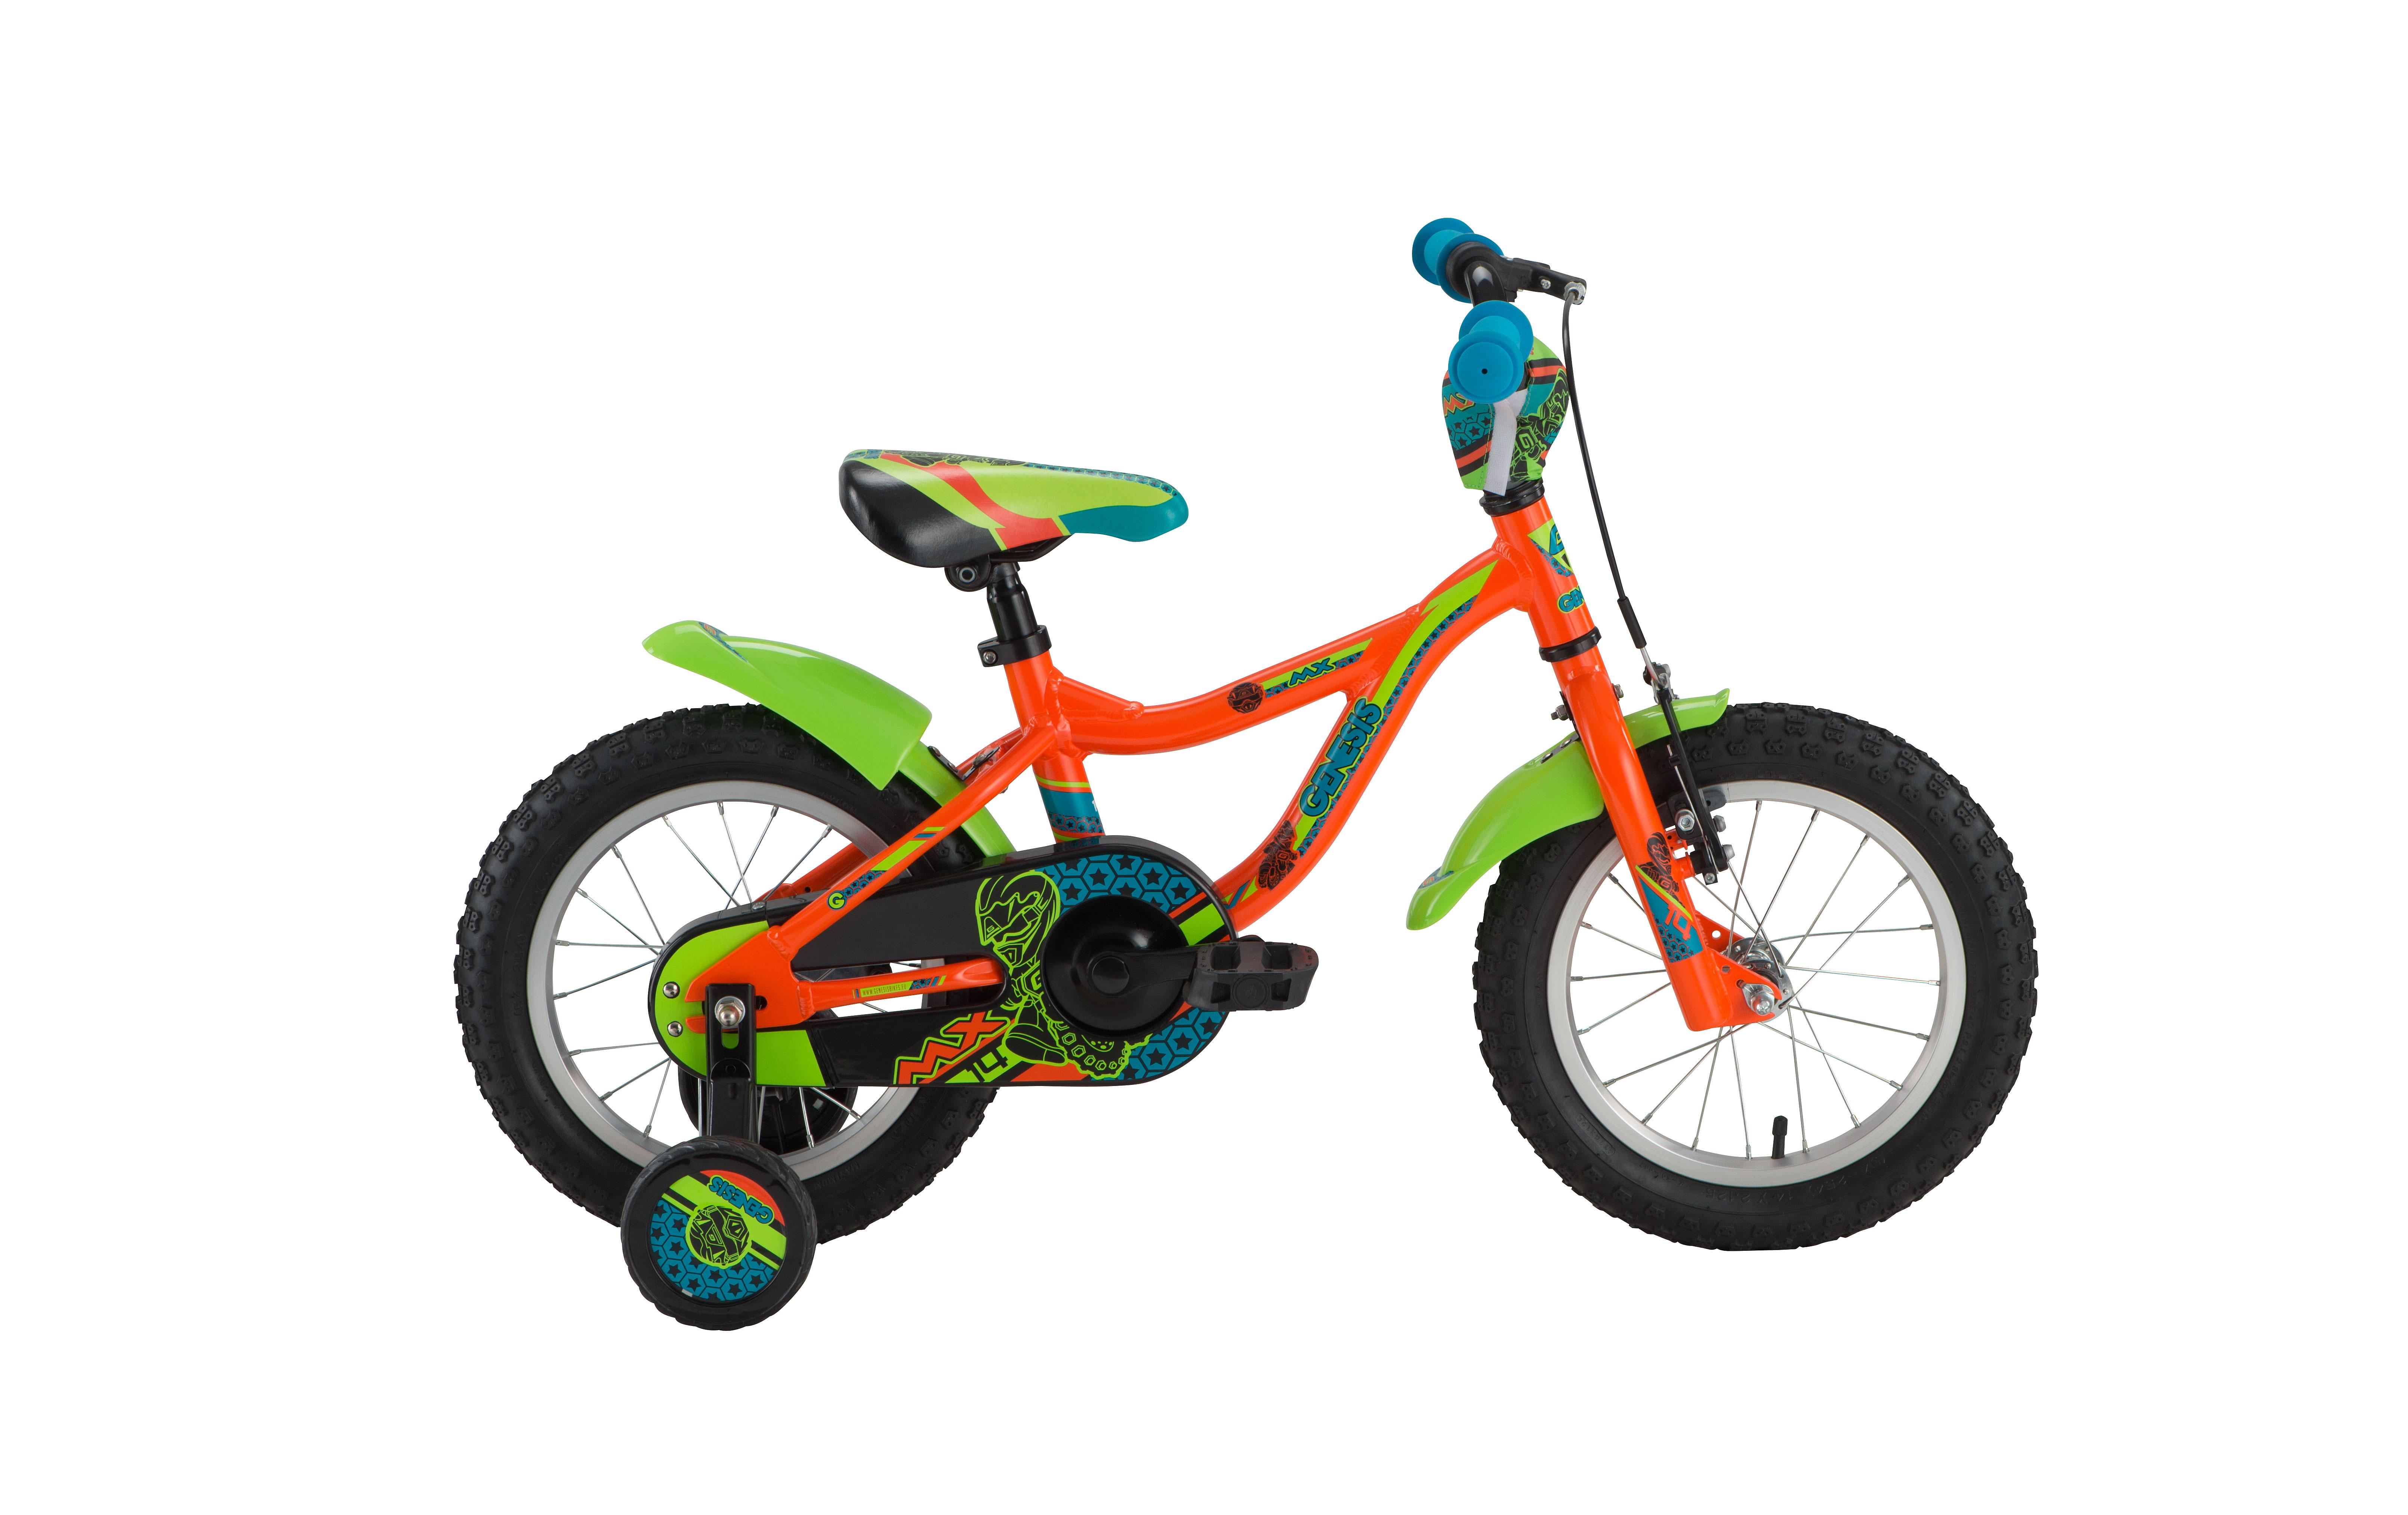 Genesis MX 14, dječiji mtb bicikl, narandžasta